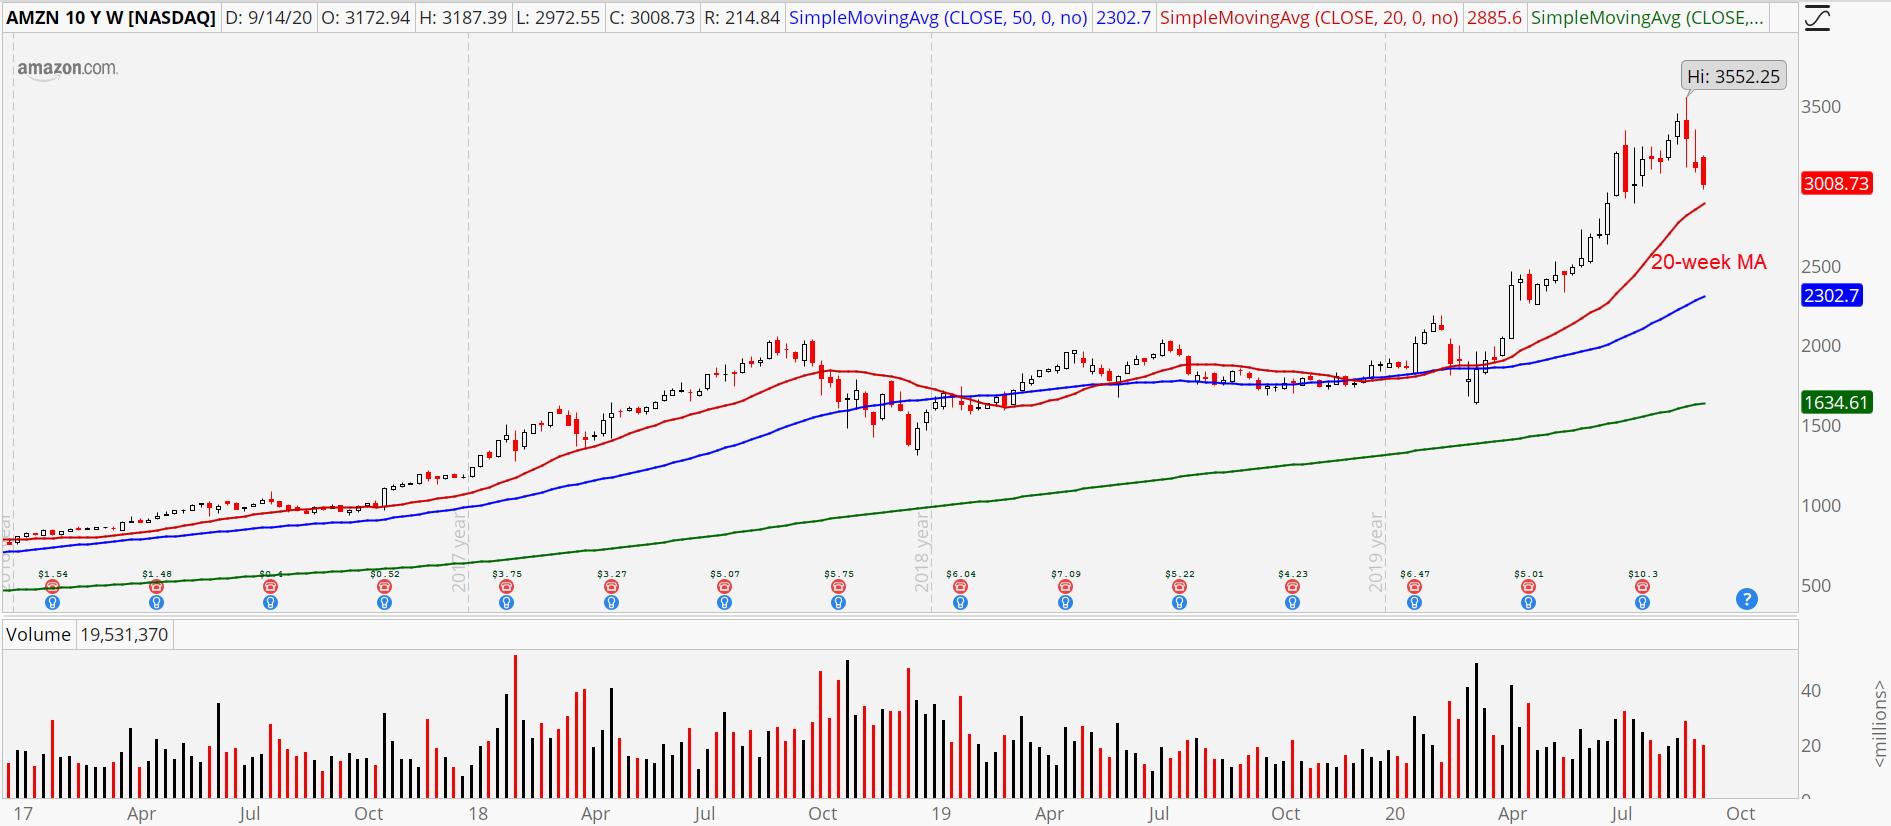 Amazon (AMZN) weekly chart showing buy the dip setup